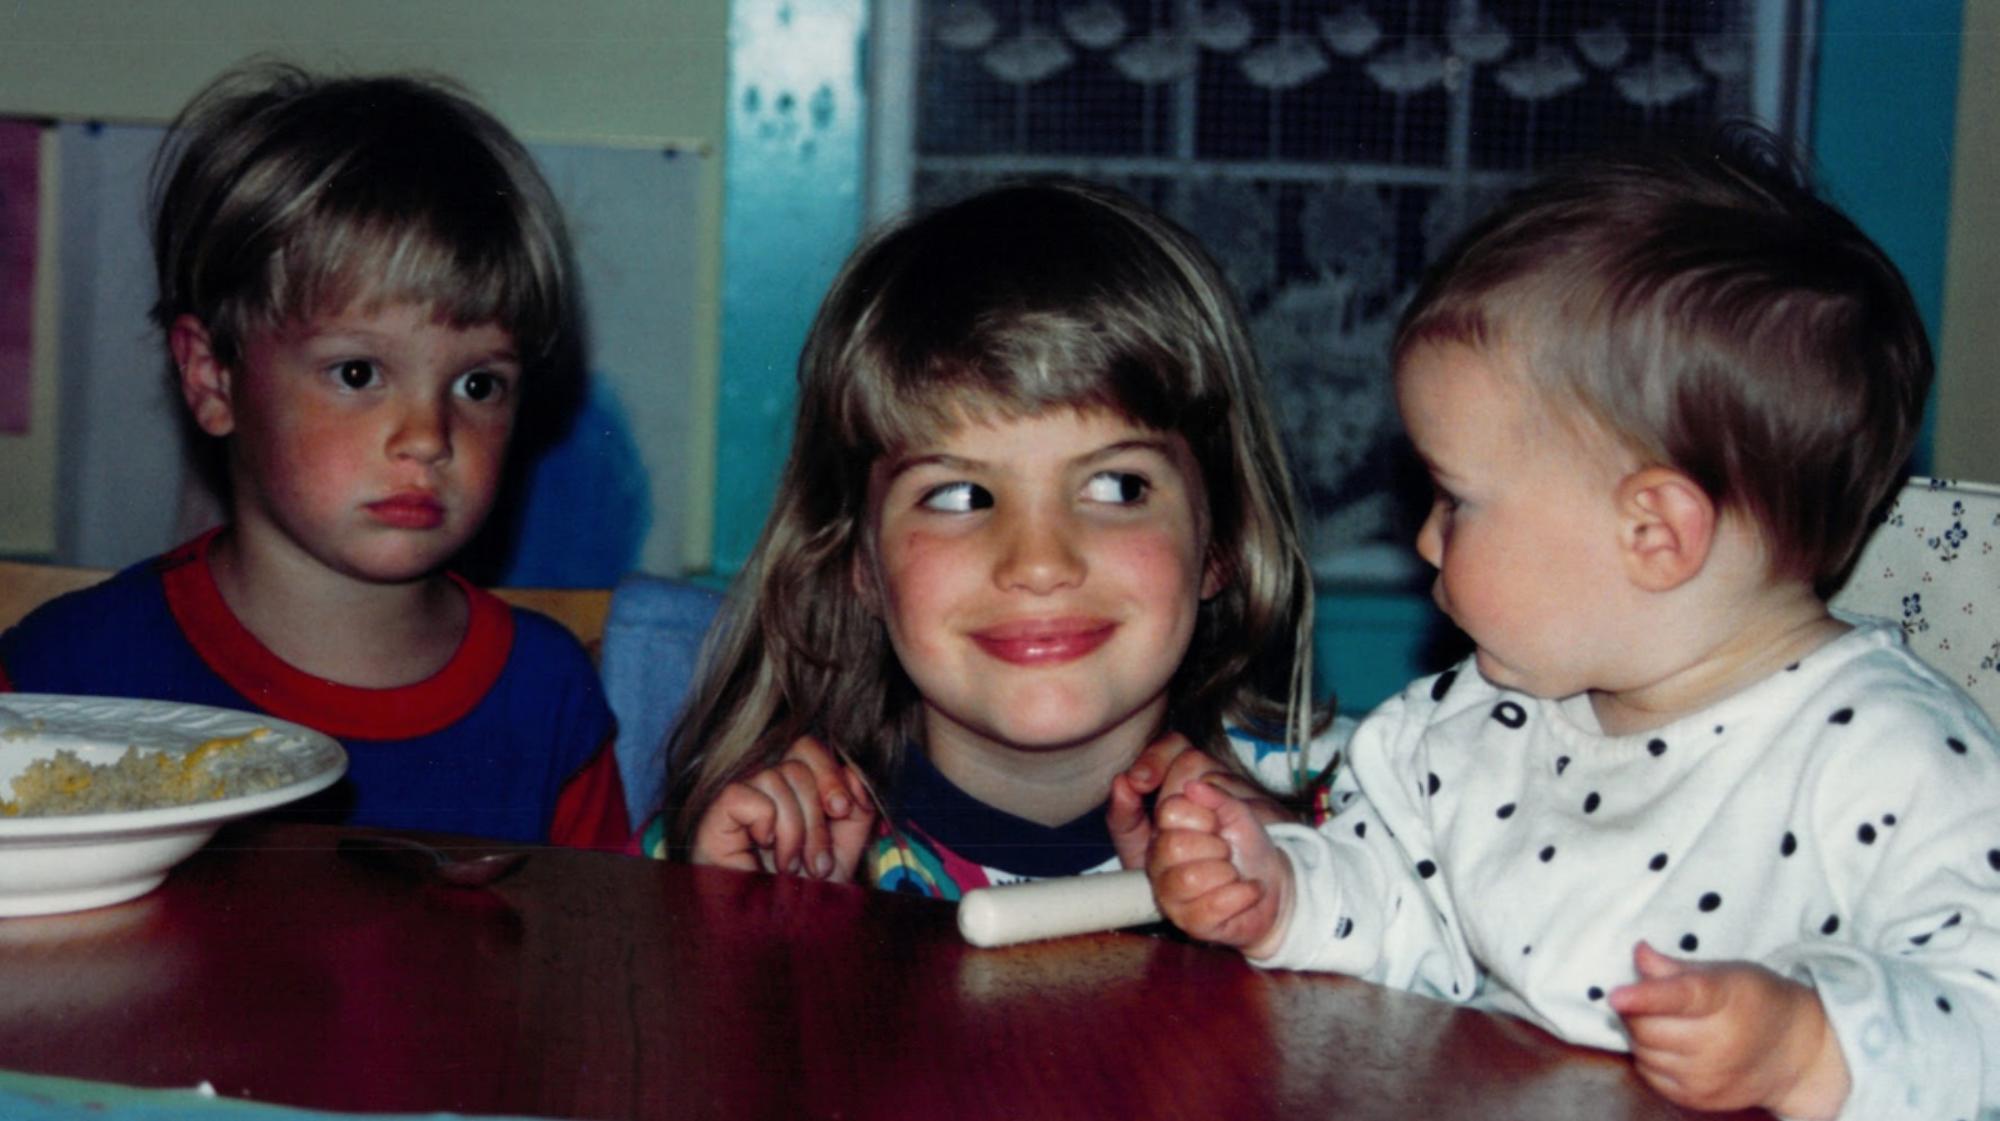 Cameron Russell Foto di infanziauno al rabotapromo.ru